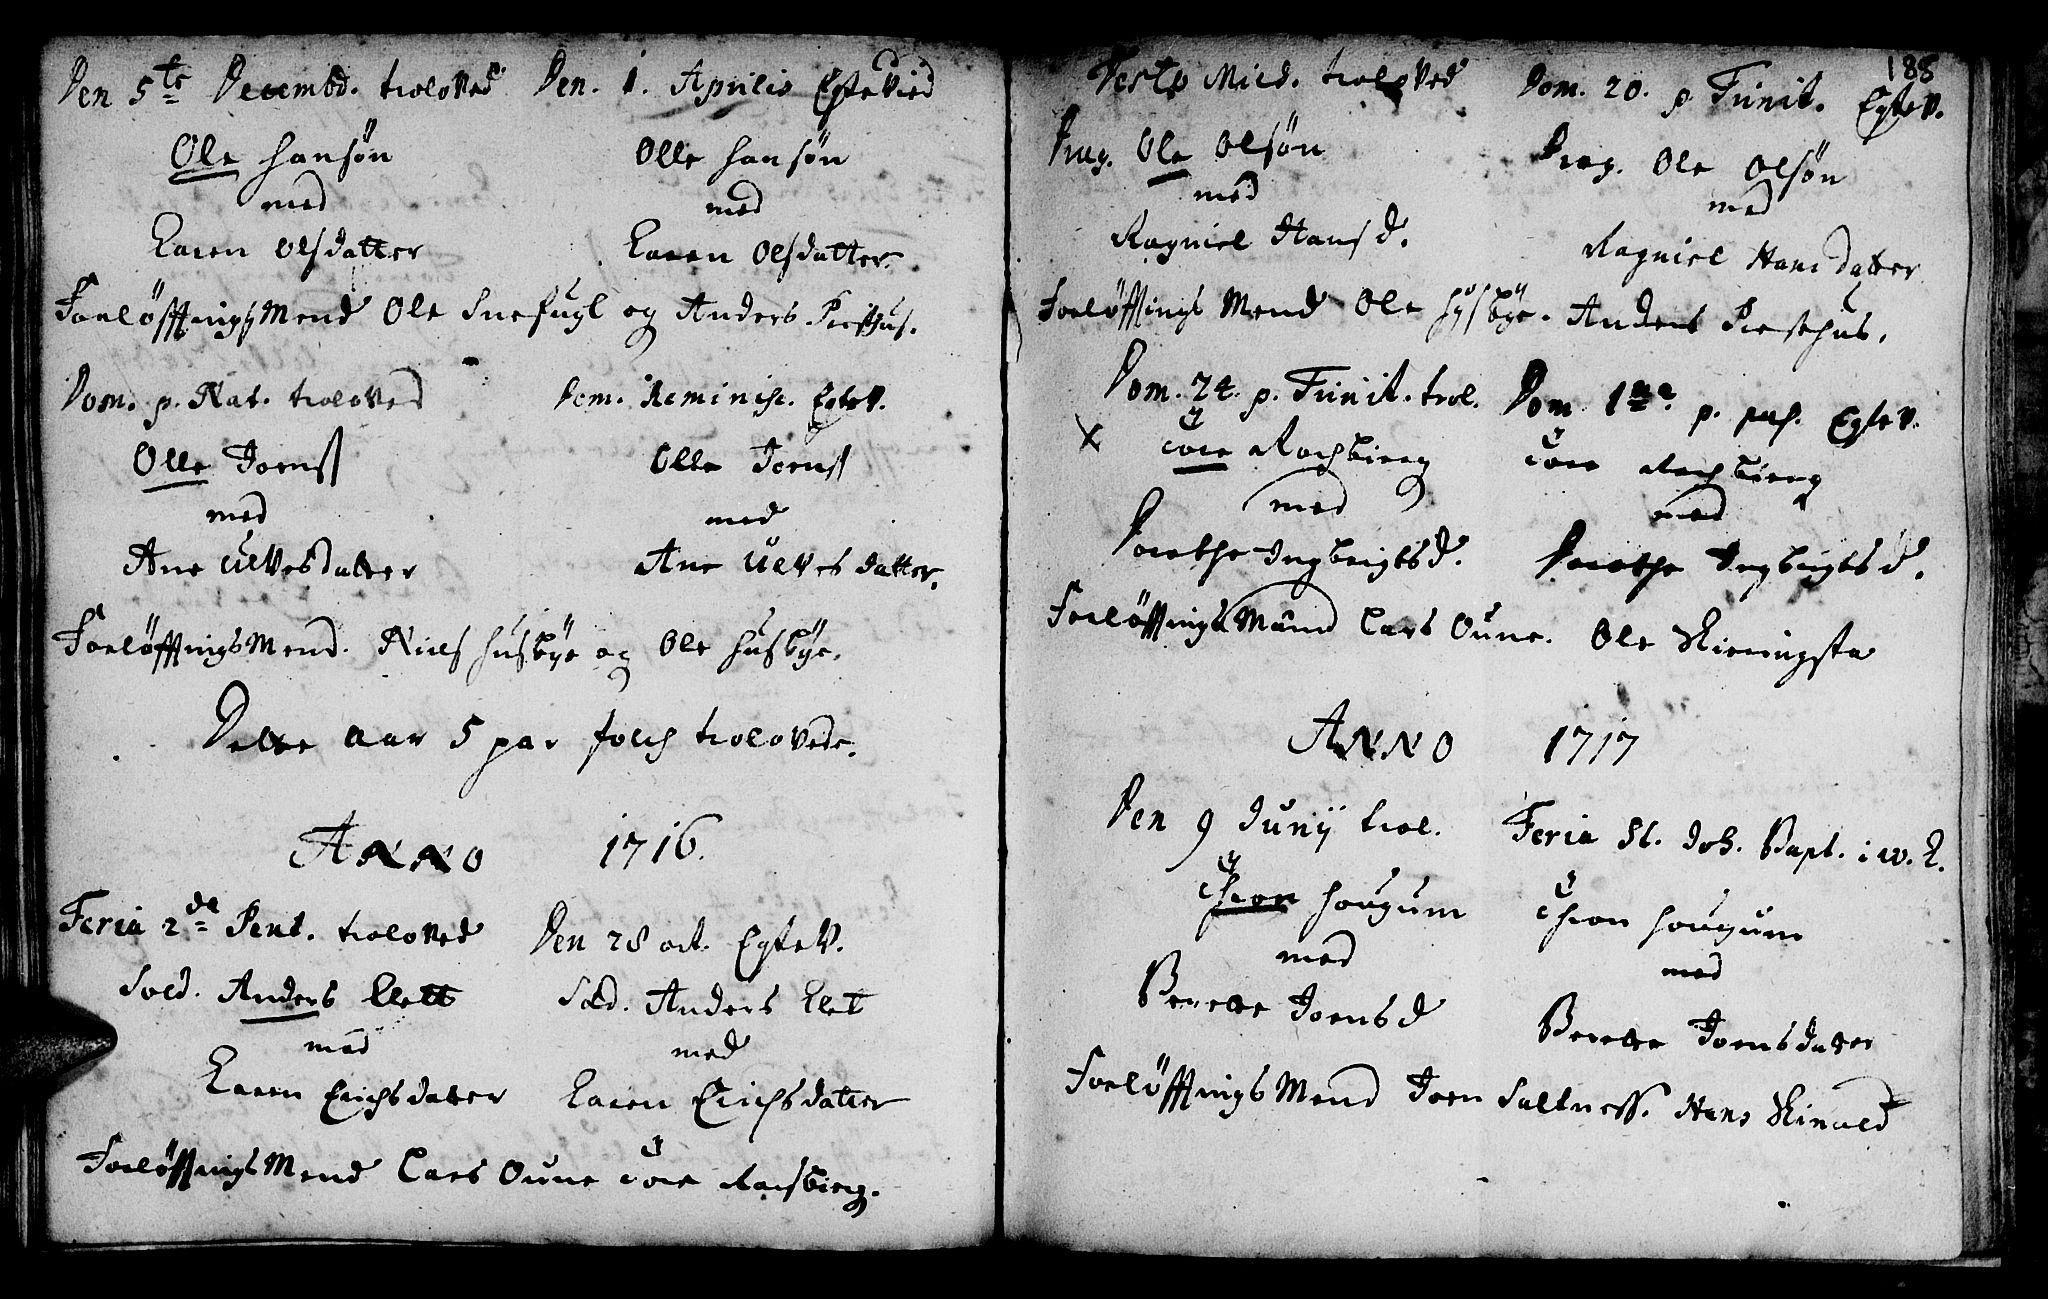 SAT, Ministerialprotokoller, klokkerbøker og fødselsregistre - Sør-Trøndelag, 666/L0783: Ministerialbok nr. 666A01, 1702-1753, s. 185